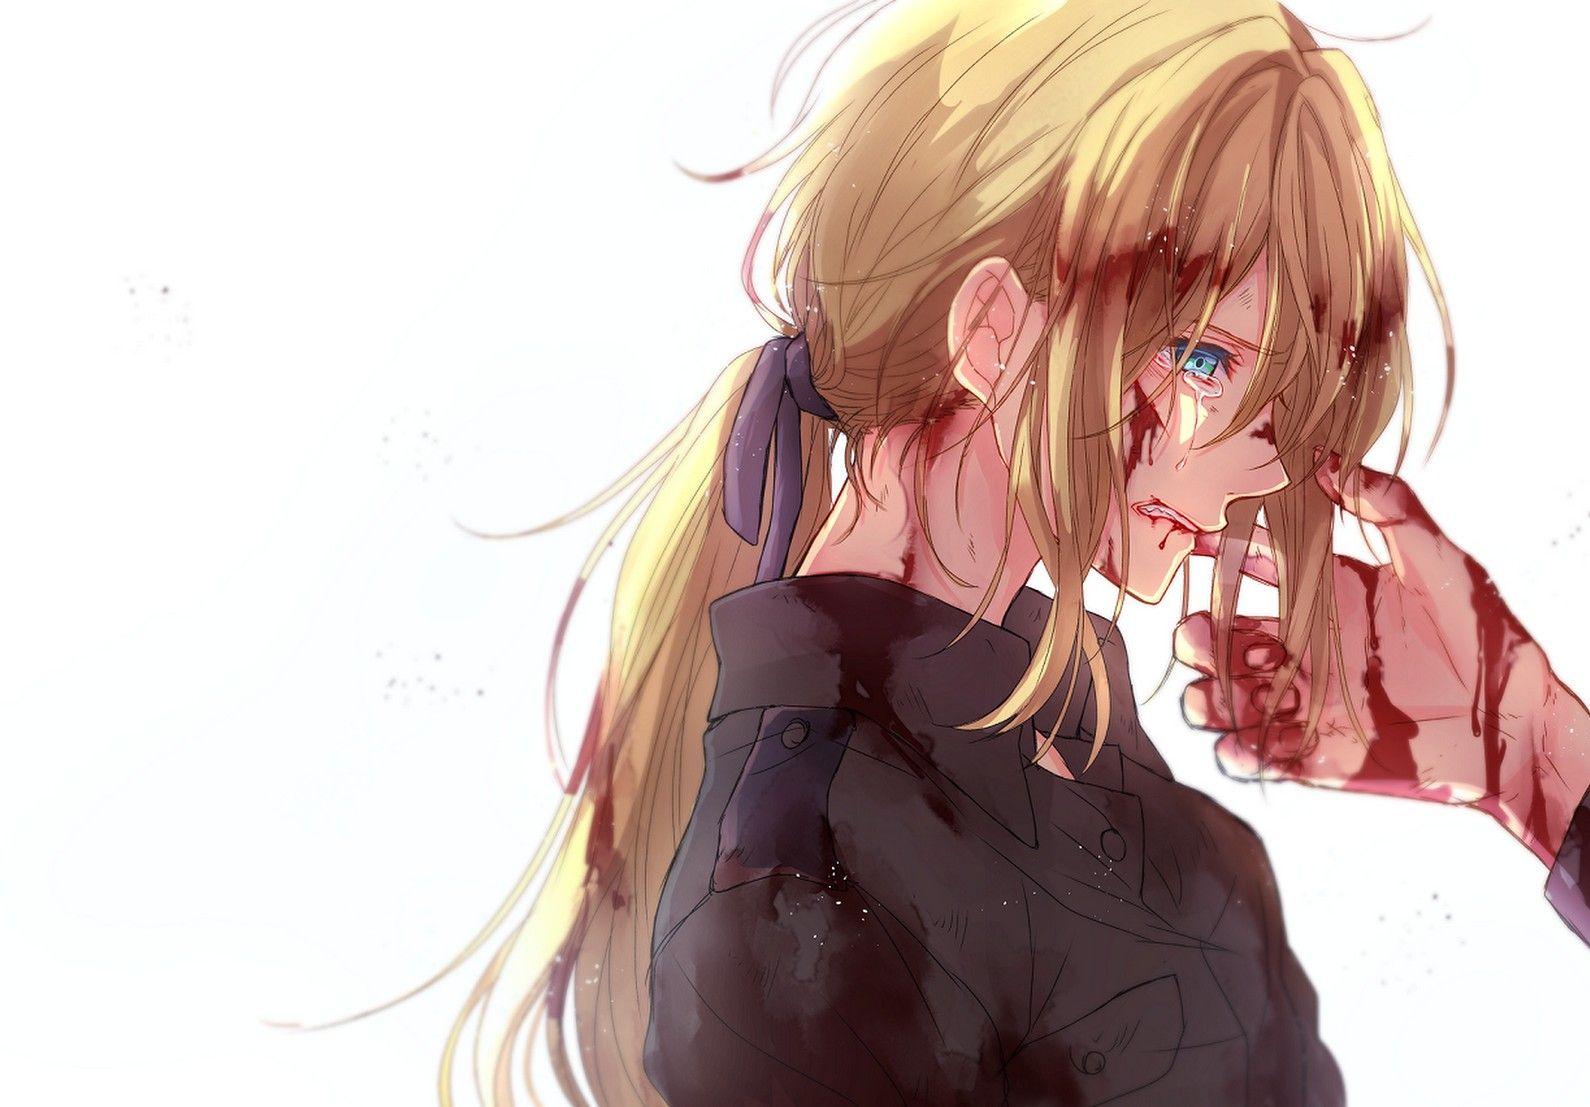 Ảnh Anime đang buồn và khóc